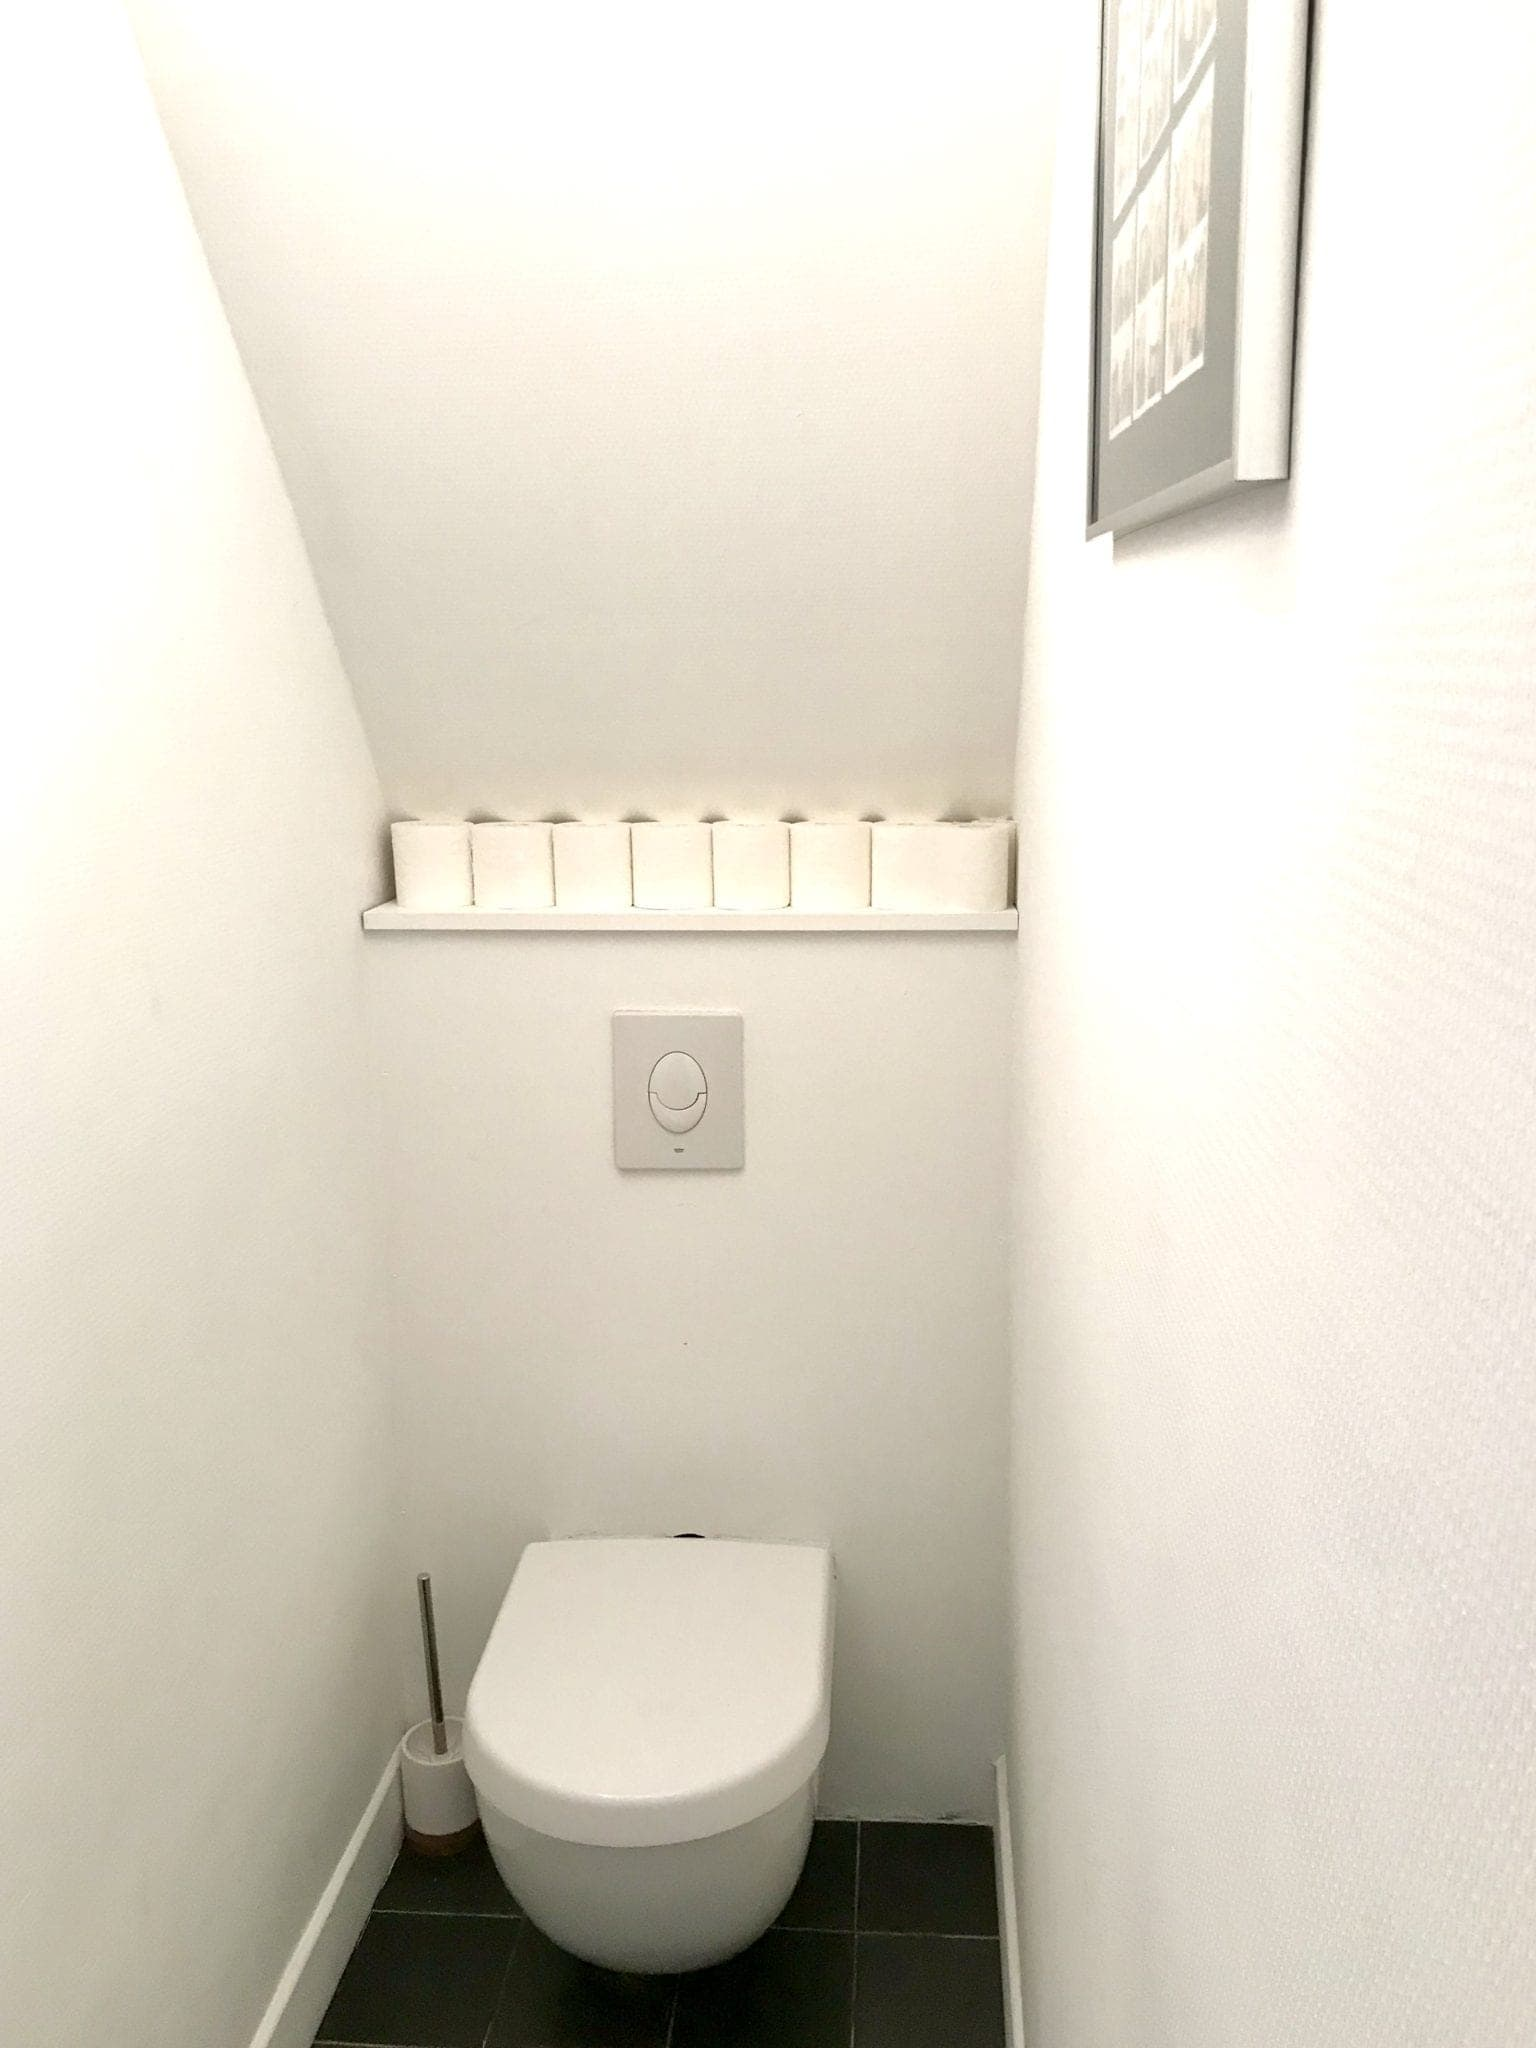 toilette suspendu pour faciliter le nettoyage